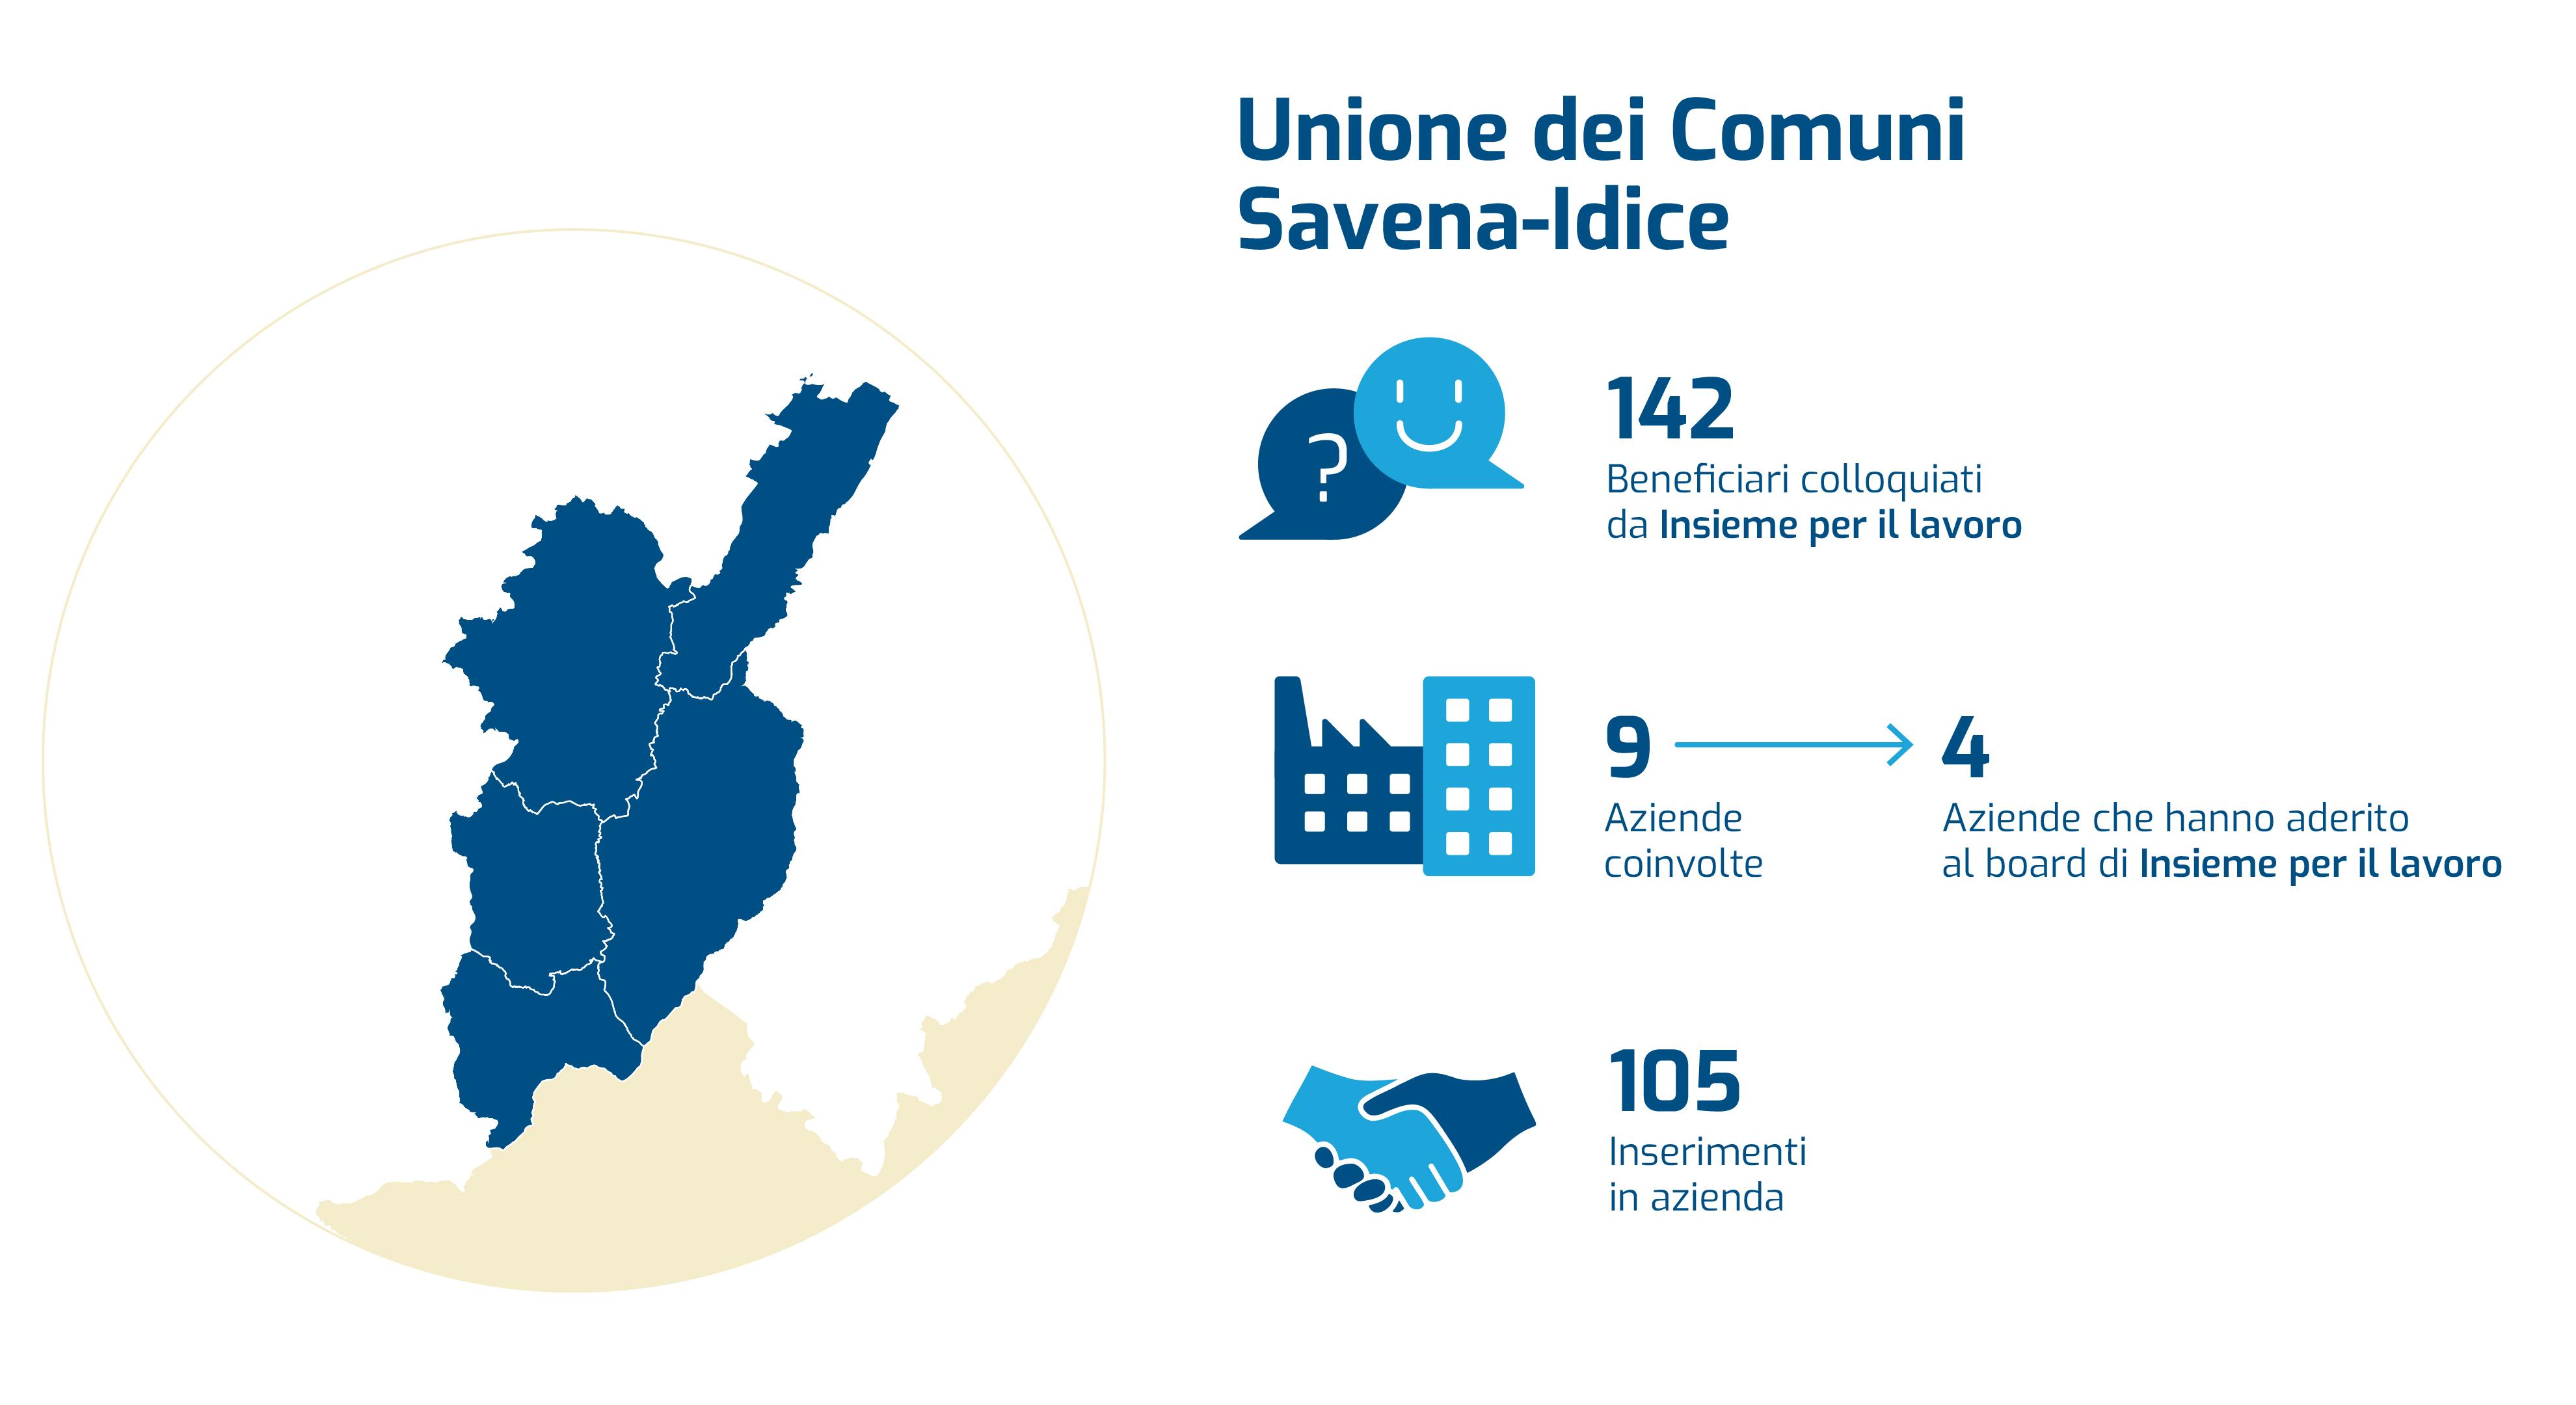 info-grafica Unione dei Comuni Savena-Idice